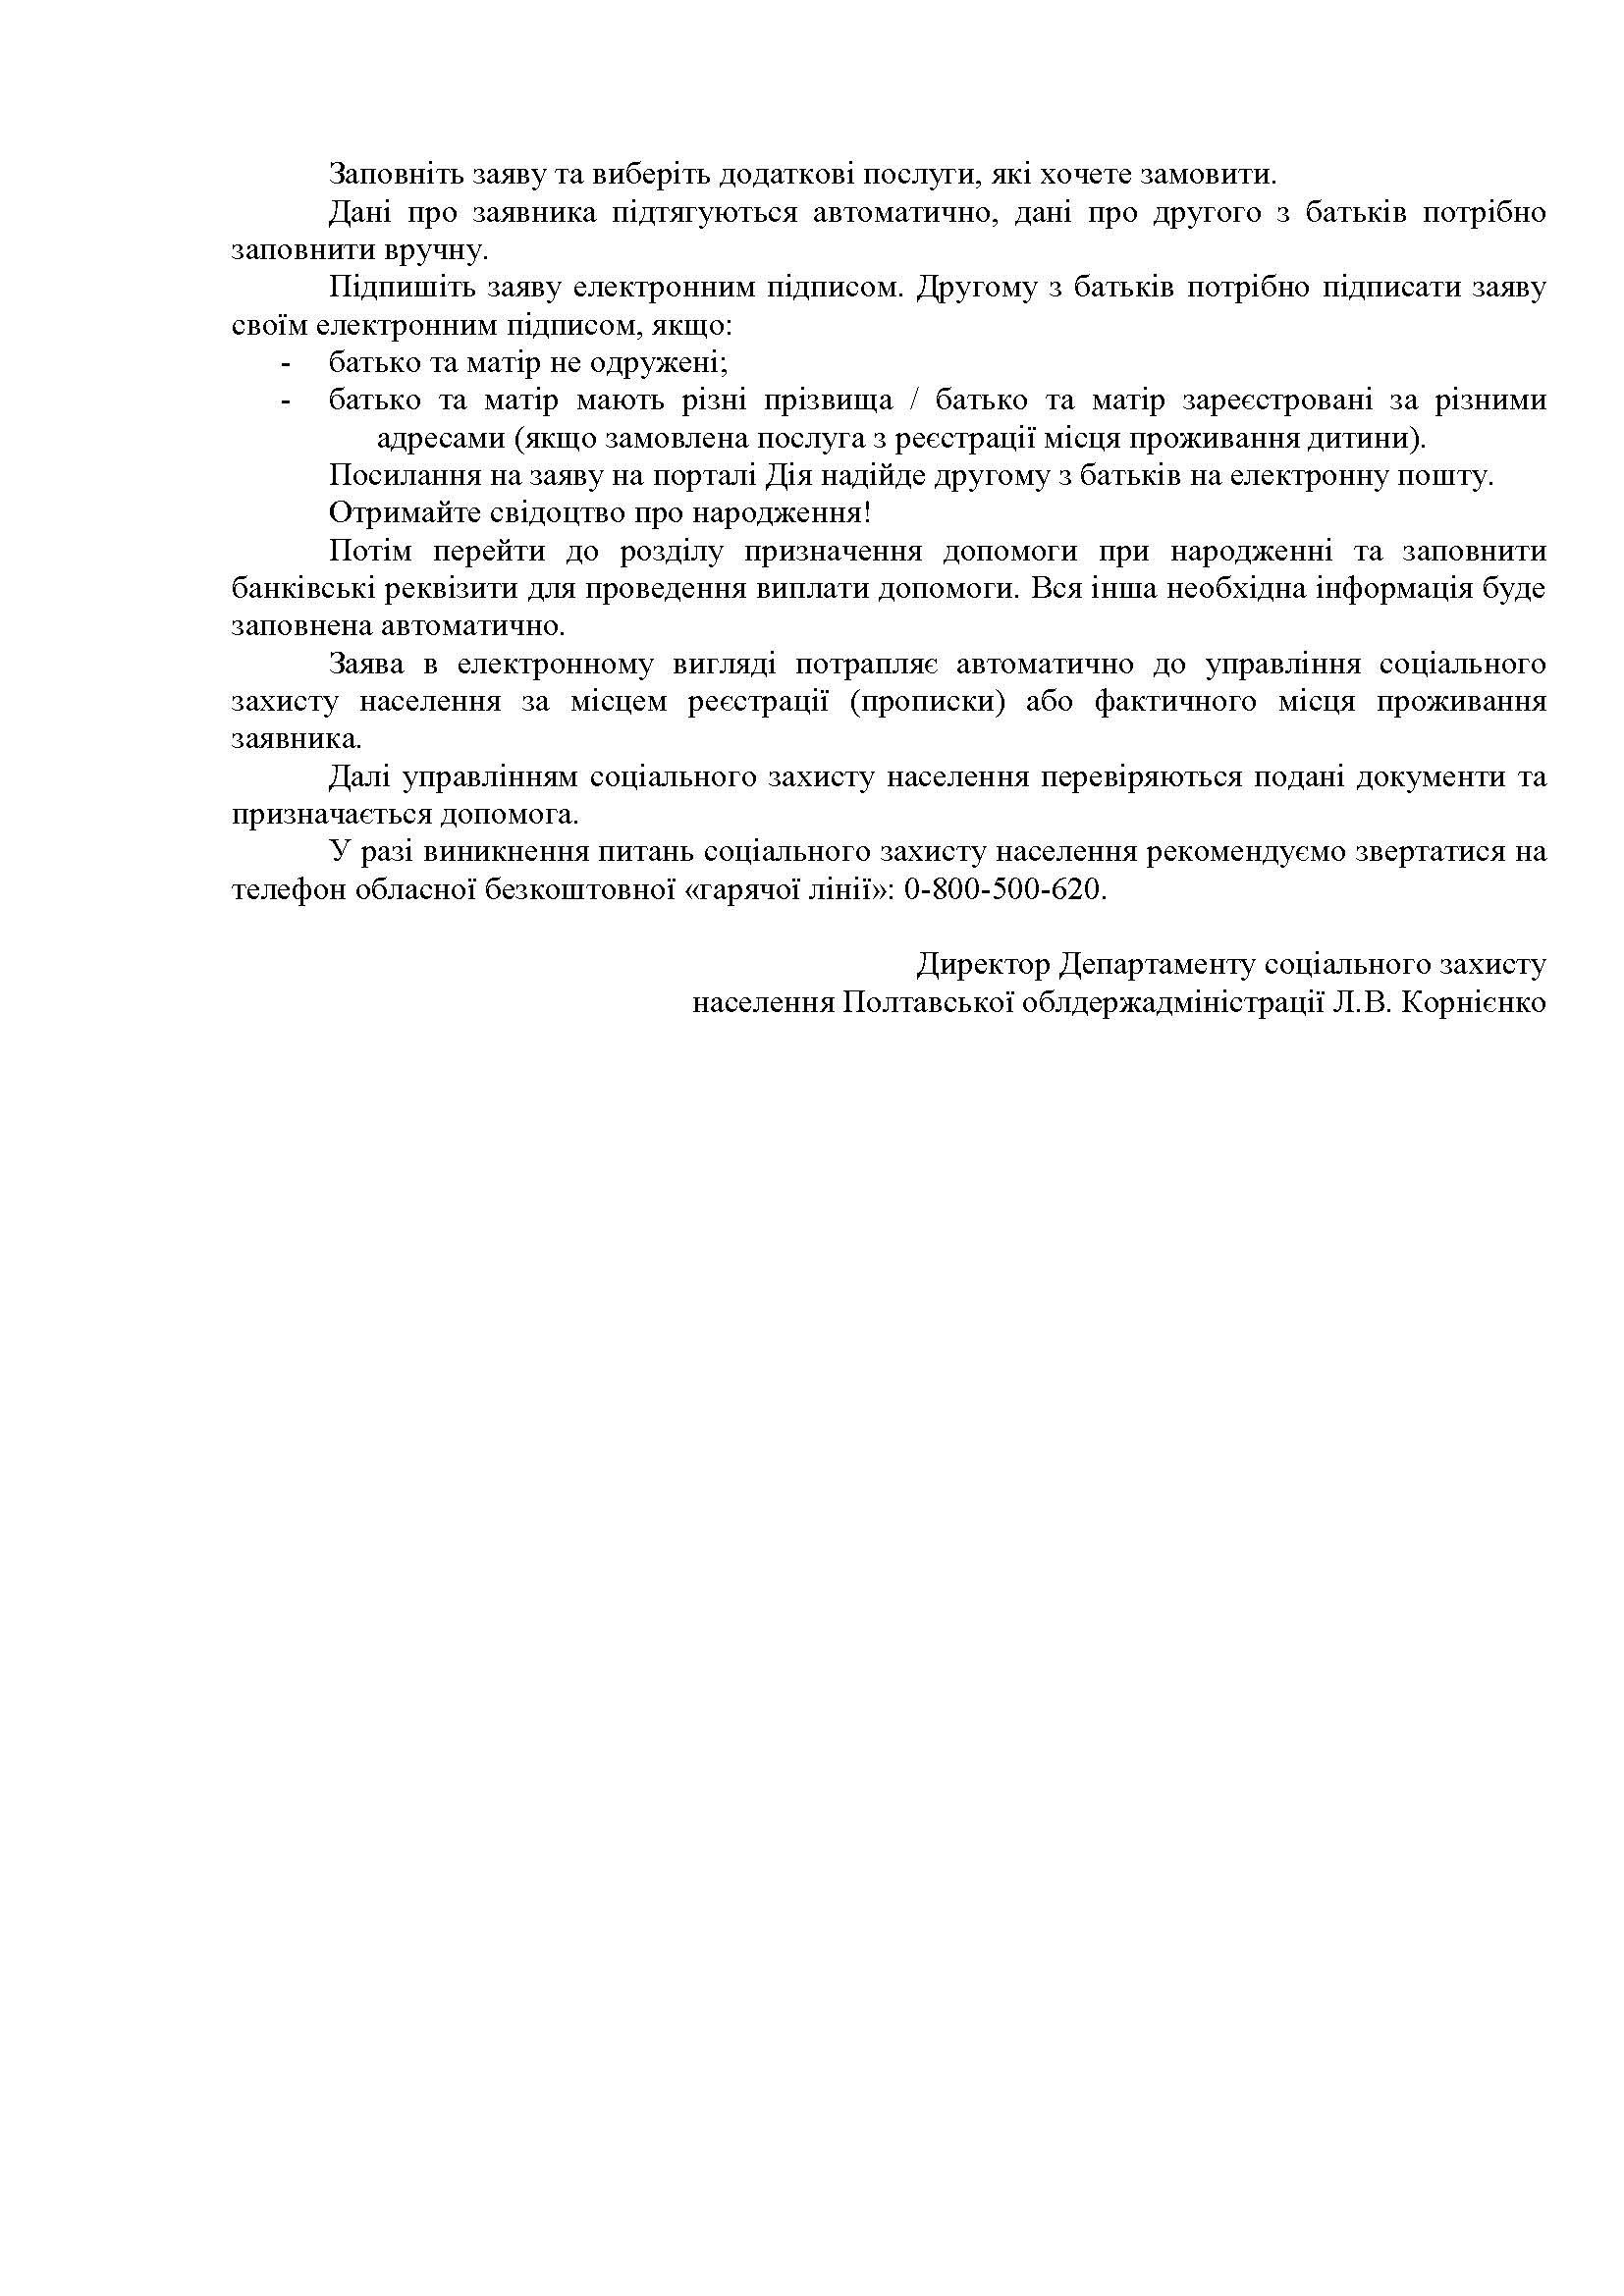 20.04.21_03.1-11-150_соціальні_питання_ТГ_Страница_7